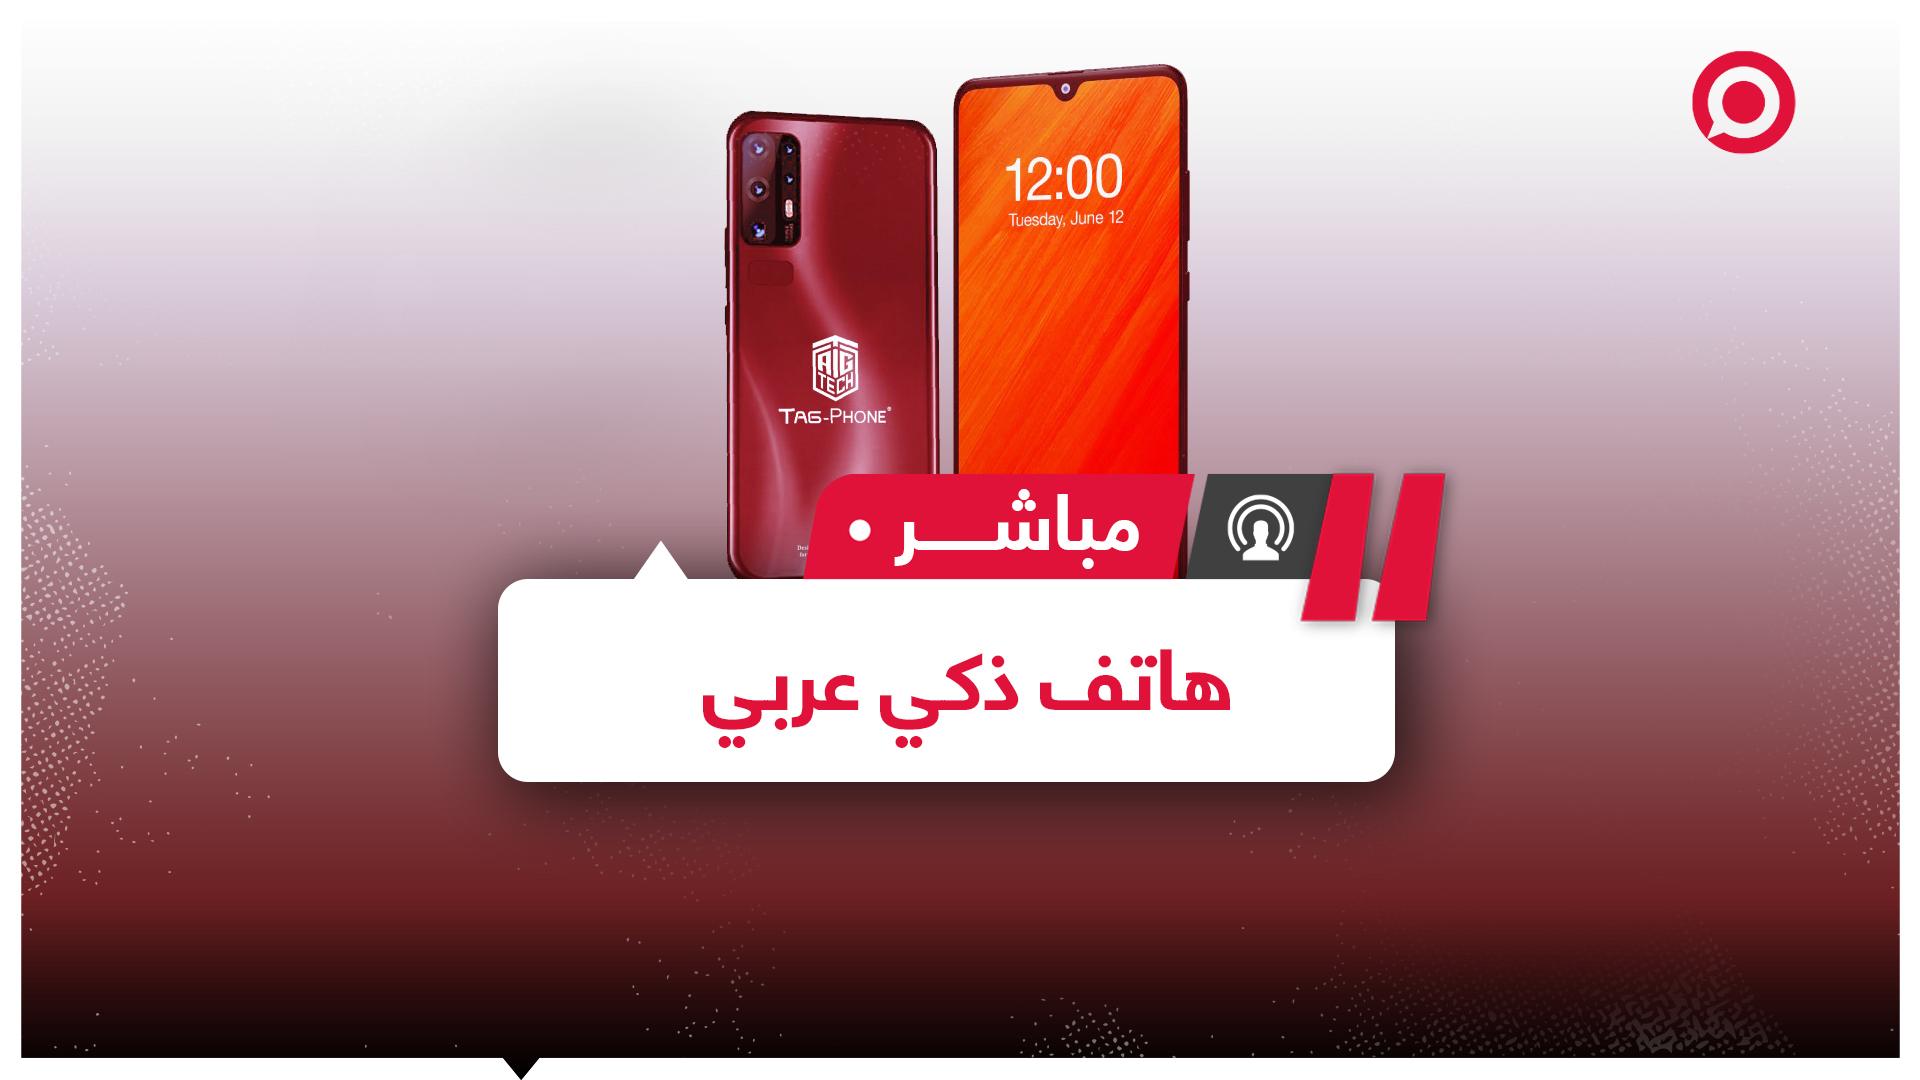 """هاتف ذكي عربي بسعر ومواصفات منافسة تجعله """"من بين الأفضل حاليا"""""""